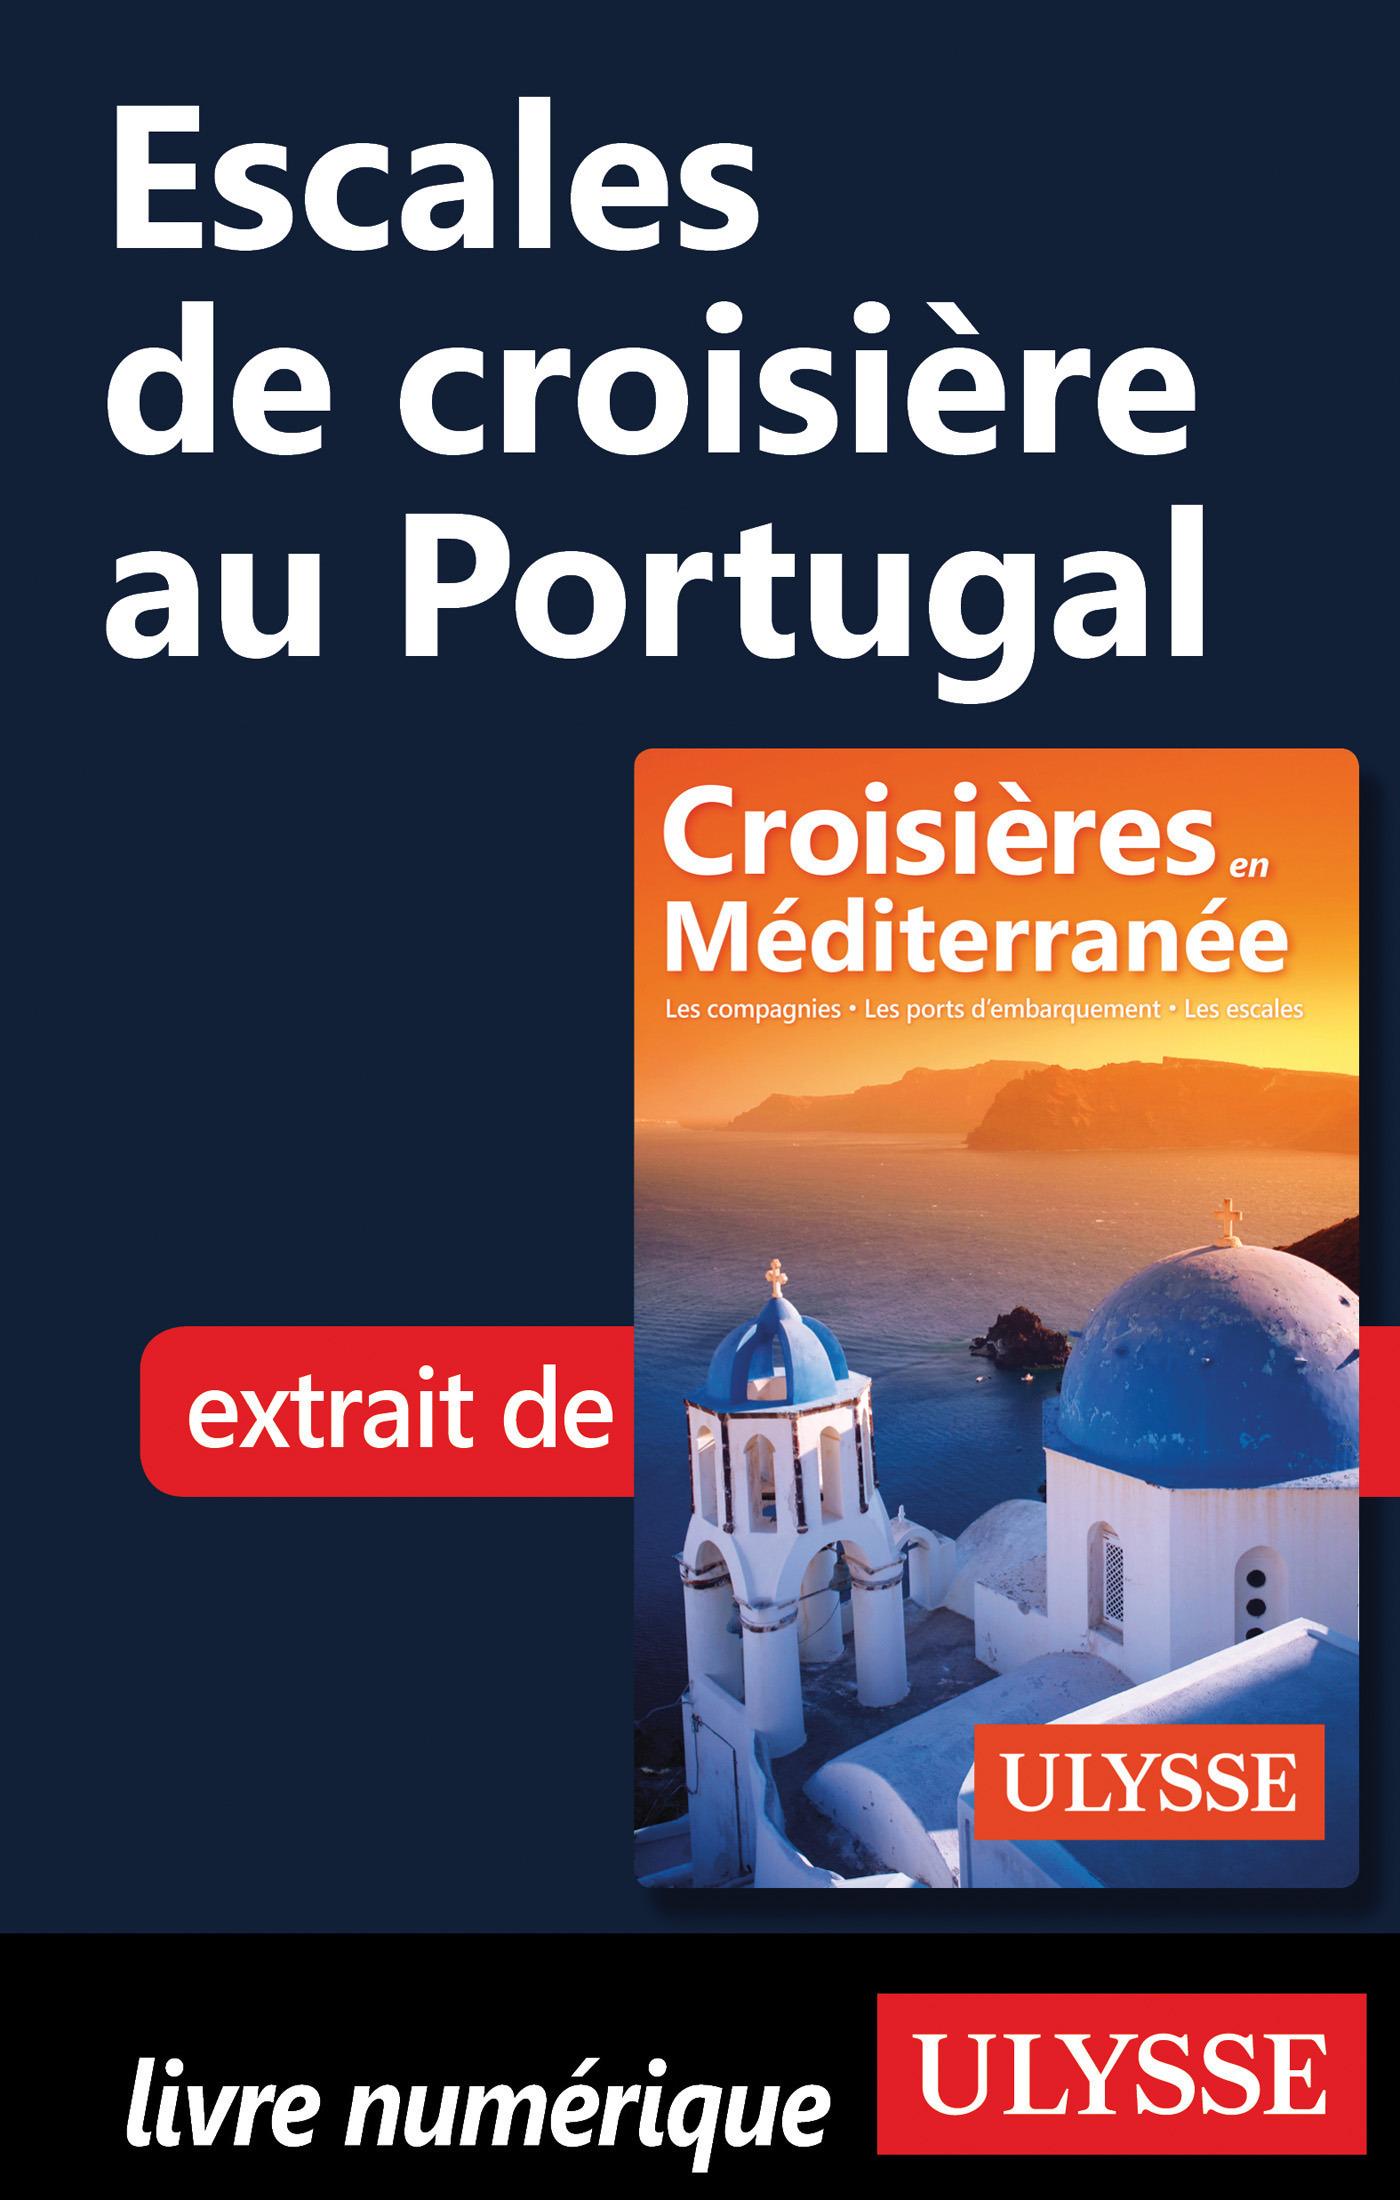 Escales de croisière au Portugal